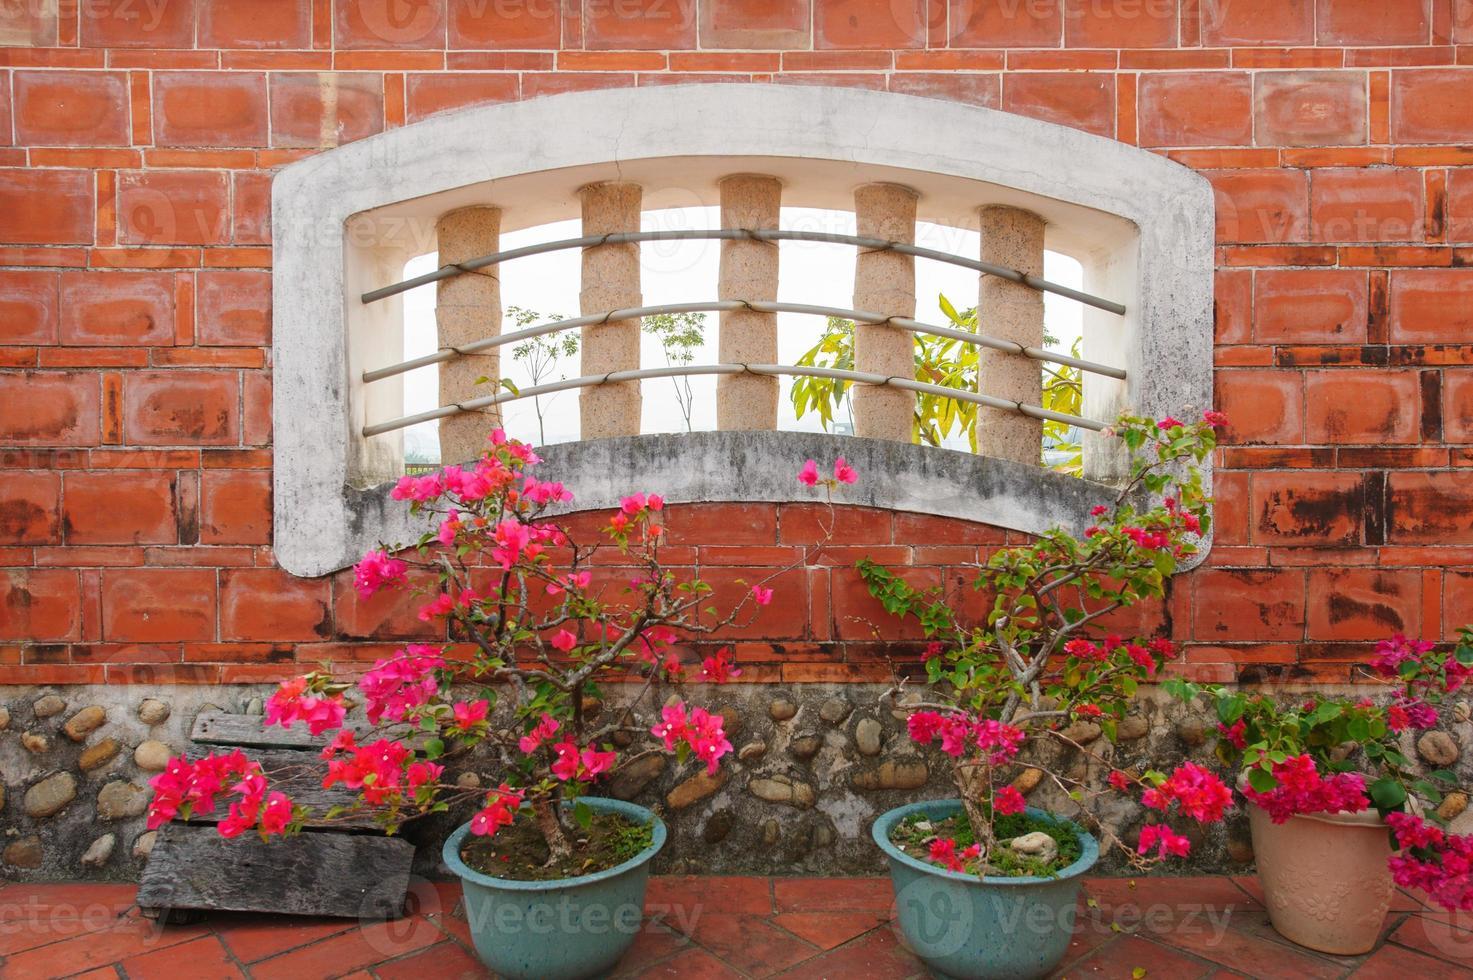 chinesisches Fenster foto